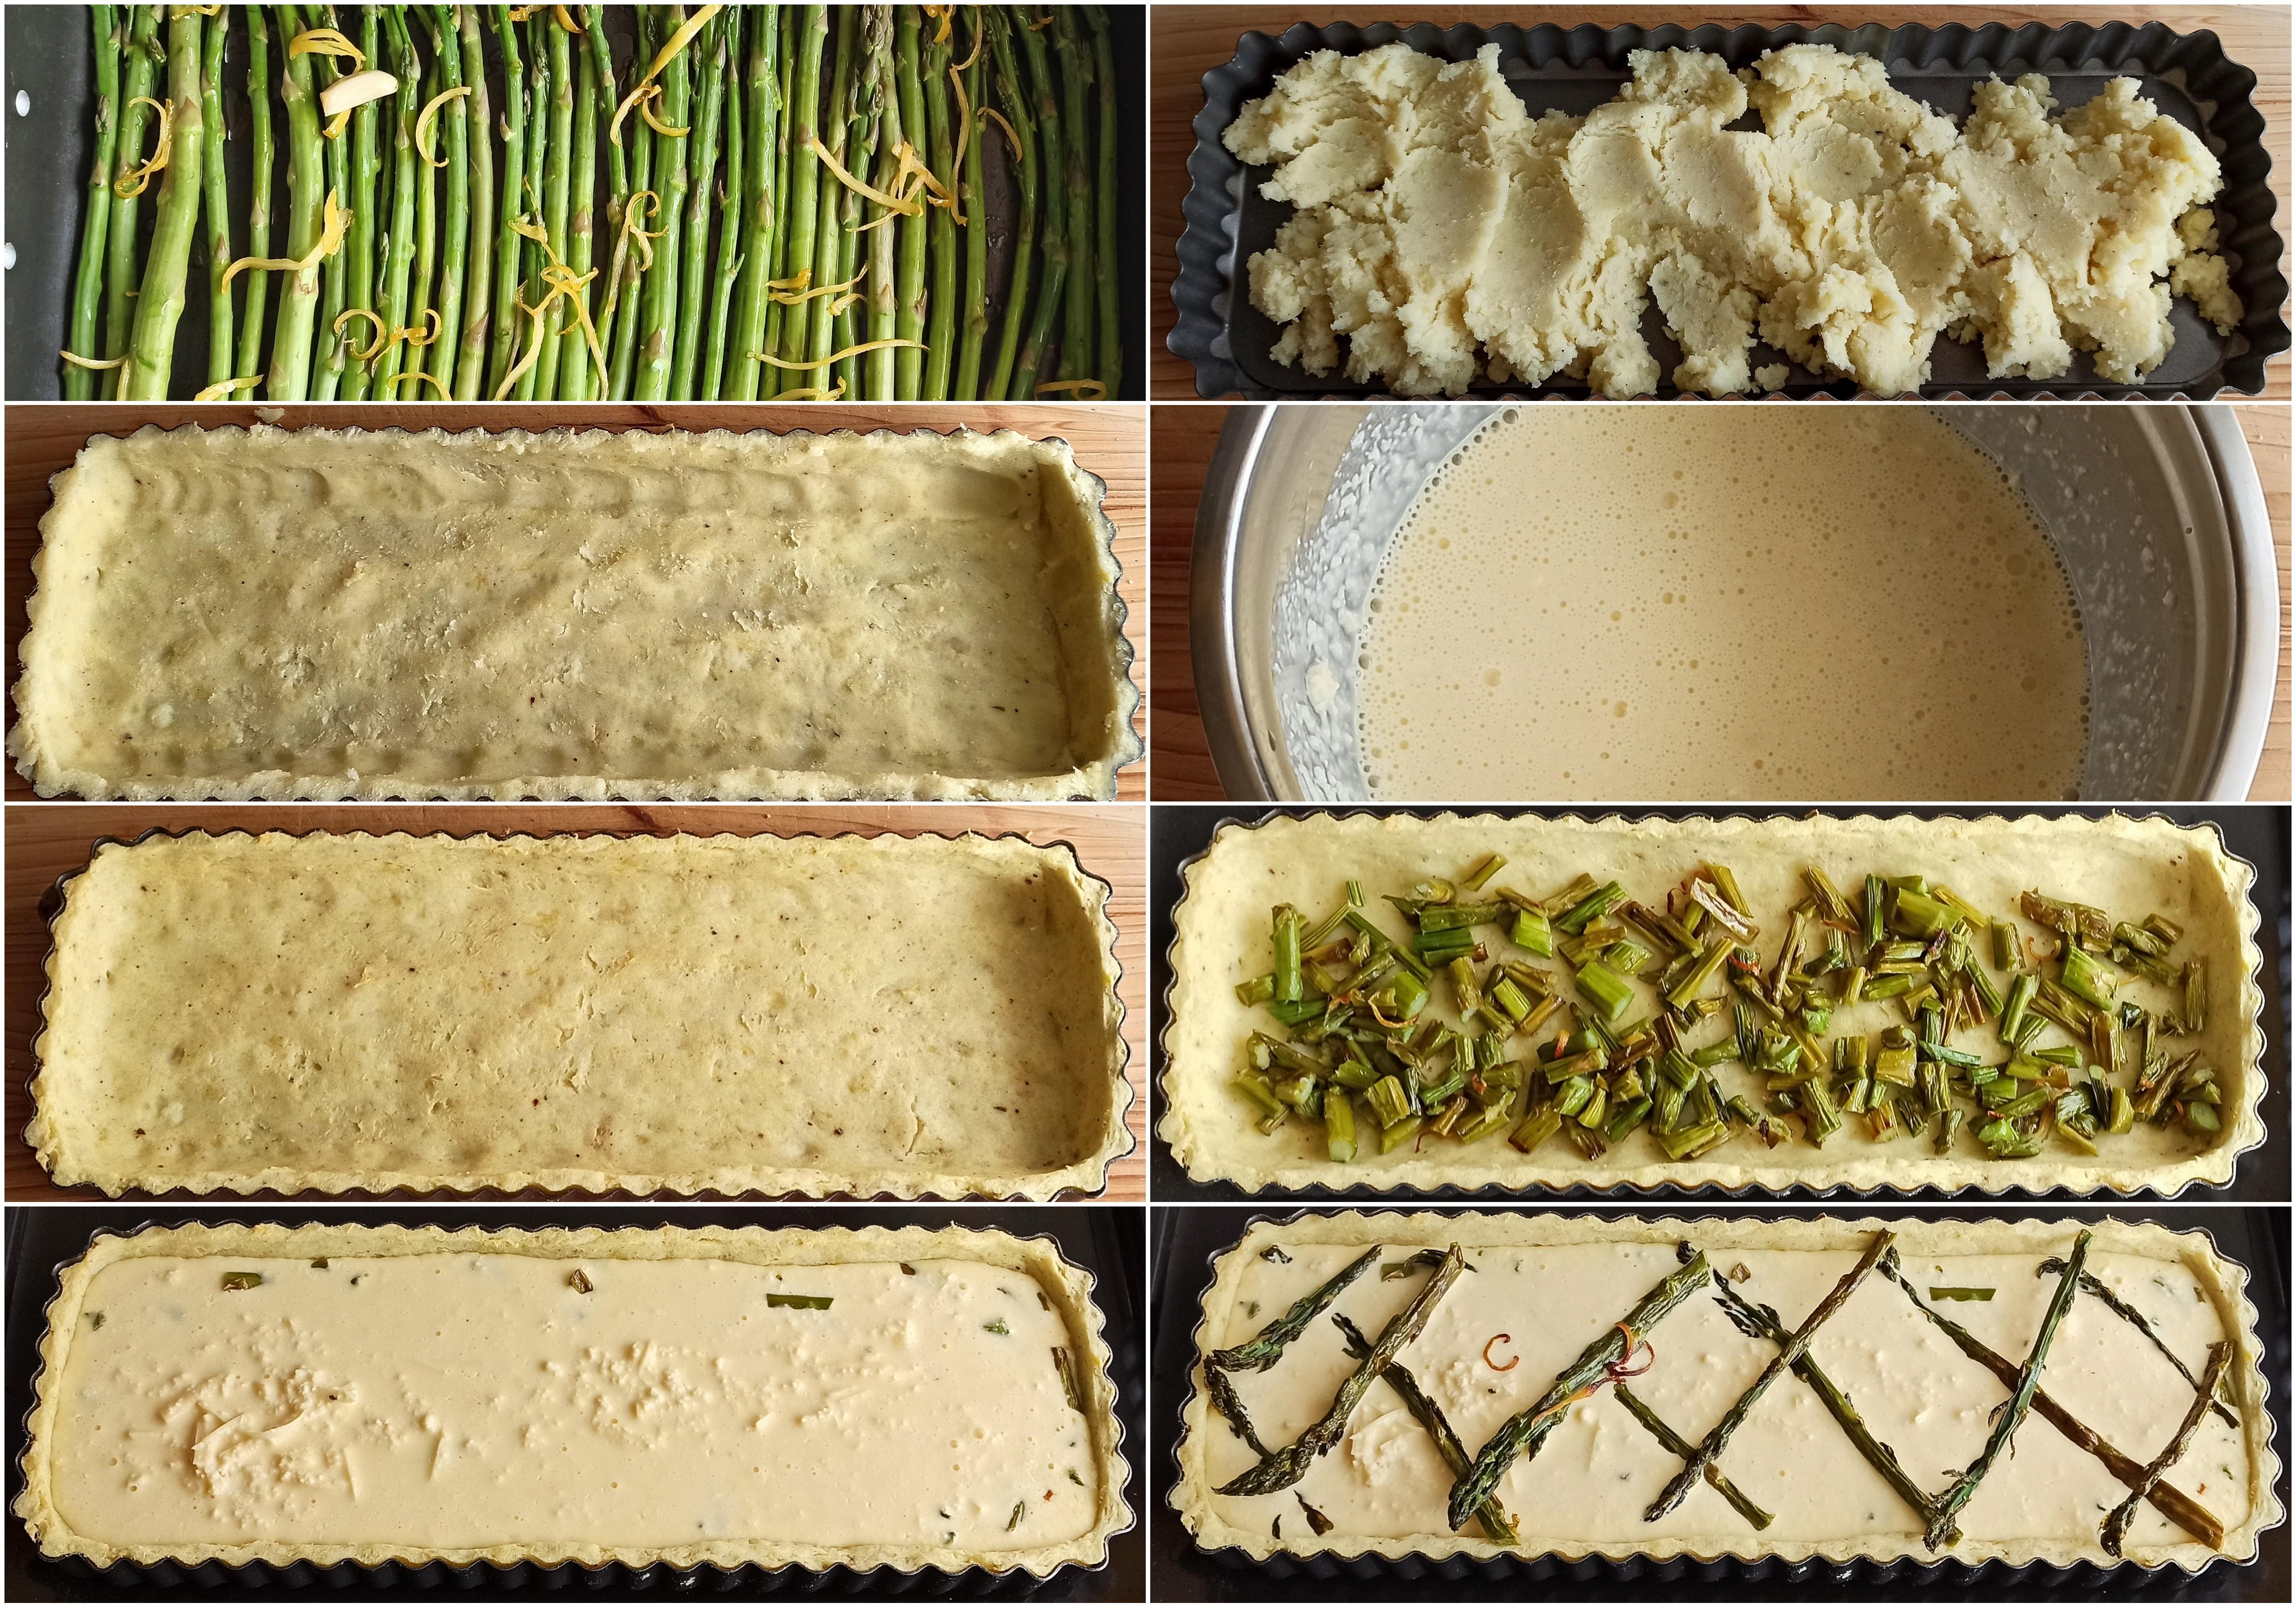 Crostata di patate e asparagi senza glutine - La Cassata Celiaca